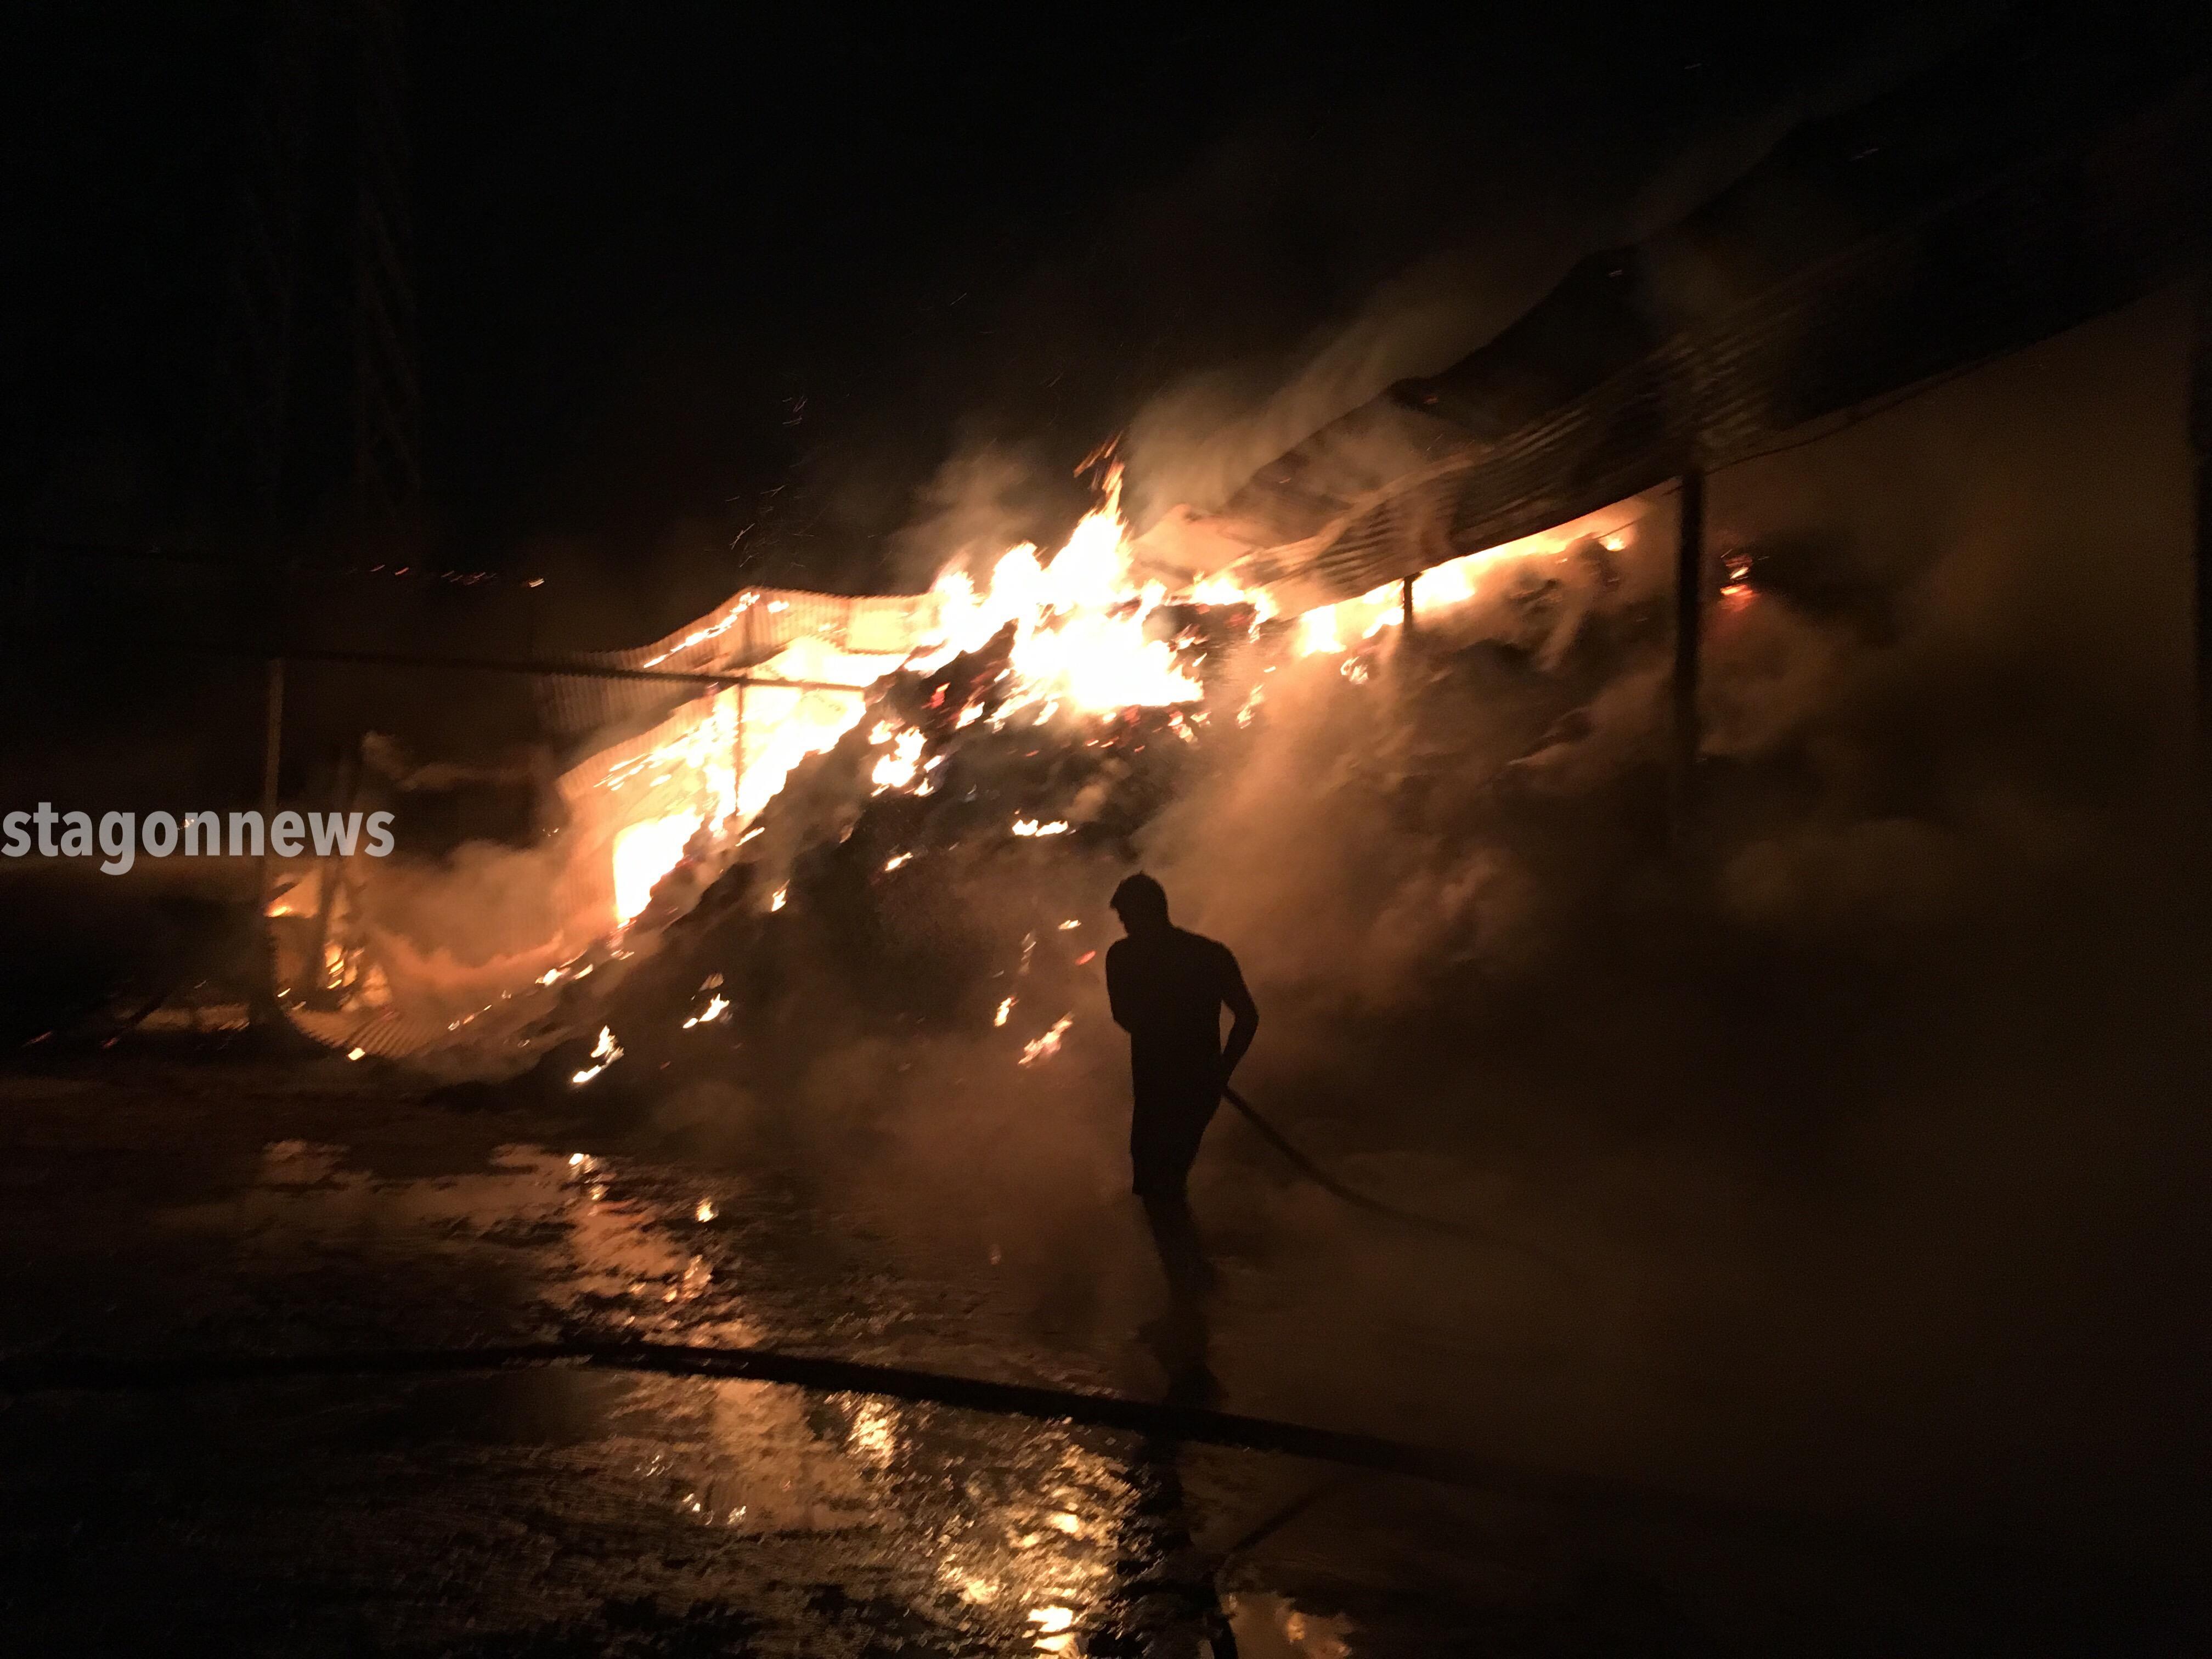 Μεγάλη φωτιά σε σταβλικές εγκαταστάσεις στην Καλαμπάκα